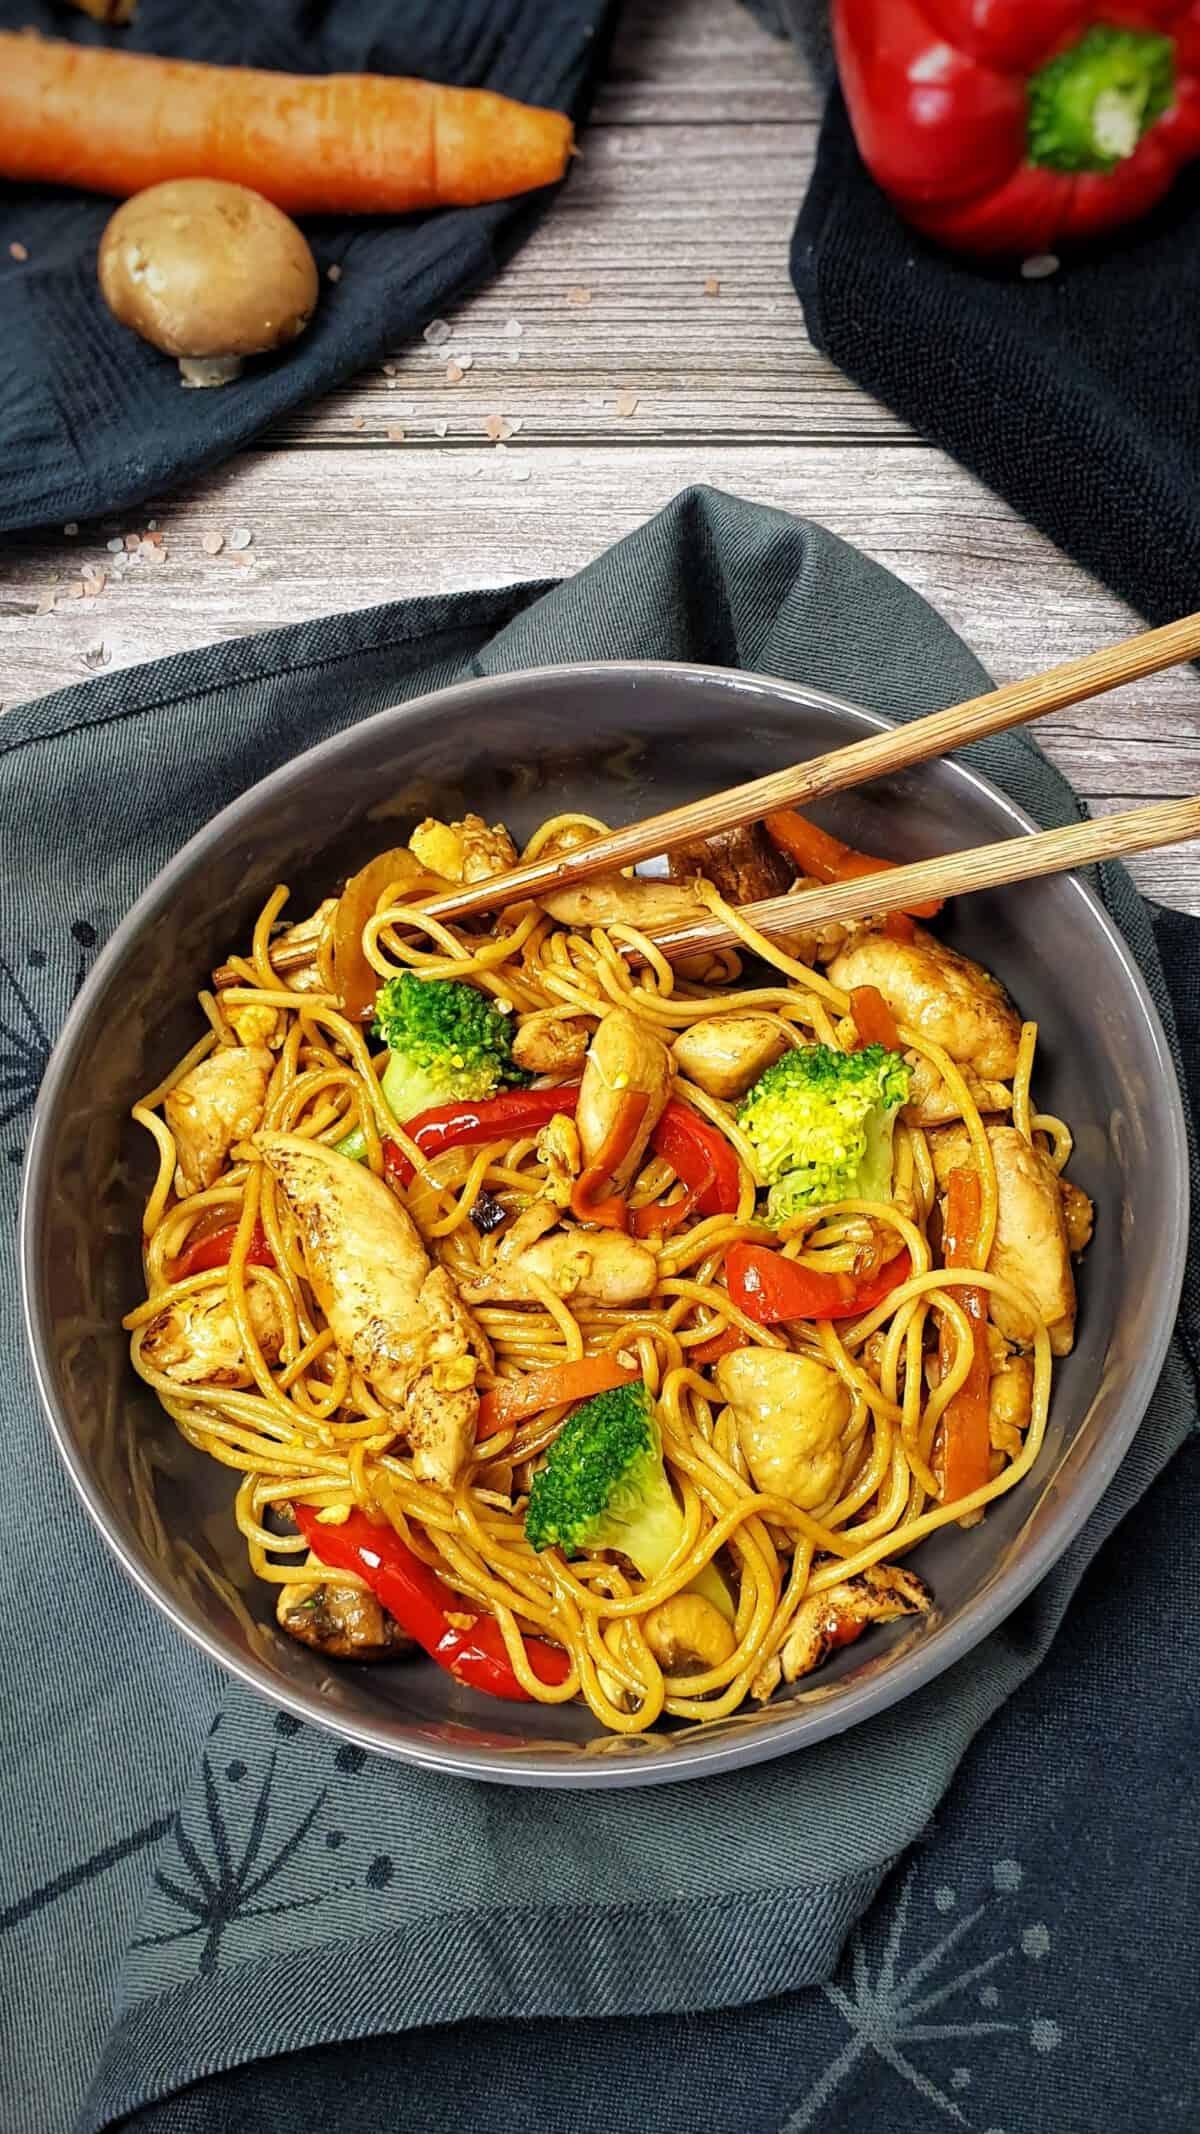 In einer grauen Schale angerichtet Asiatisch angebratene Nudeln mit Fleisch und Gemüse.